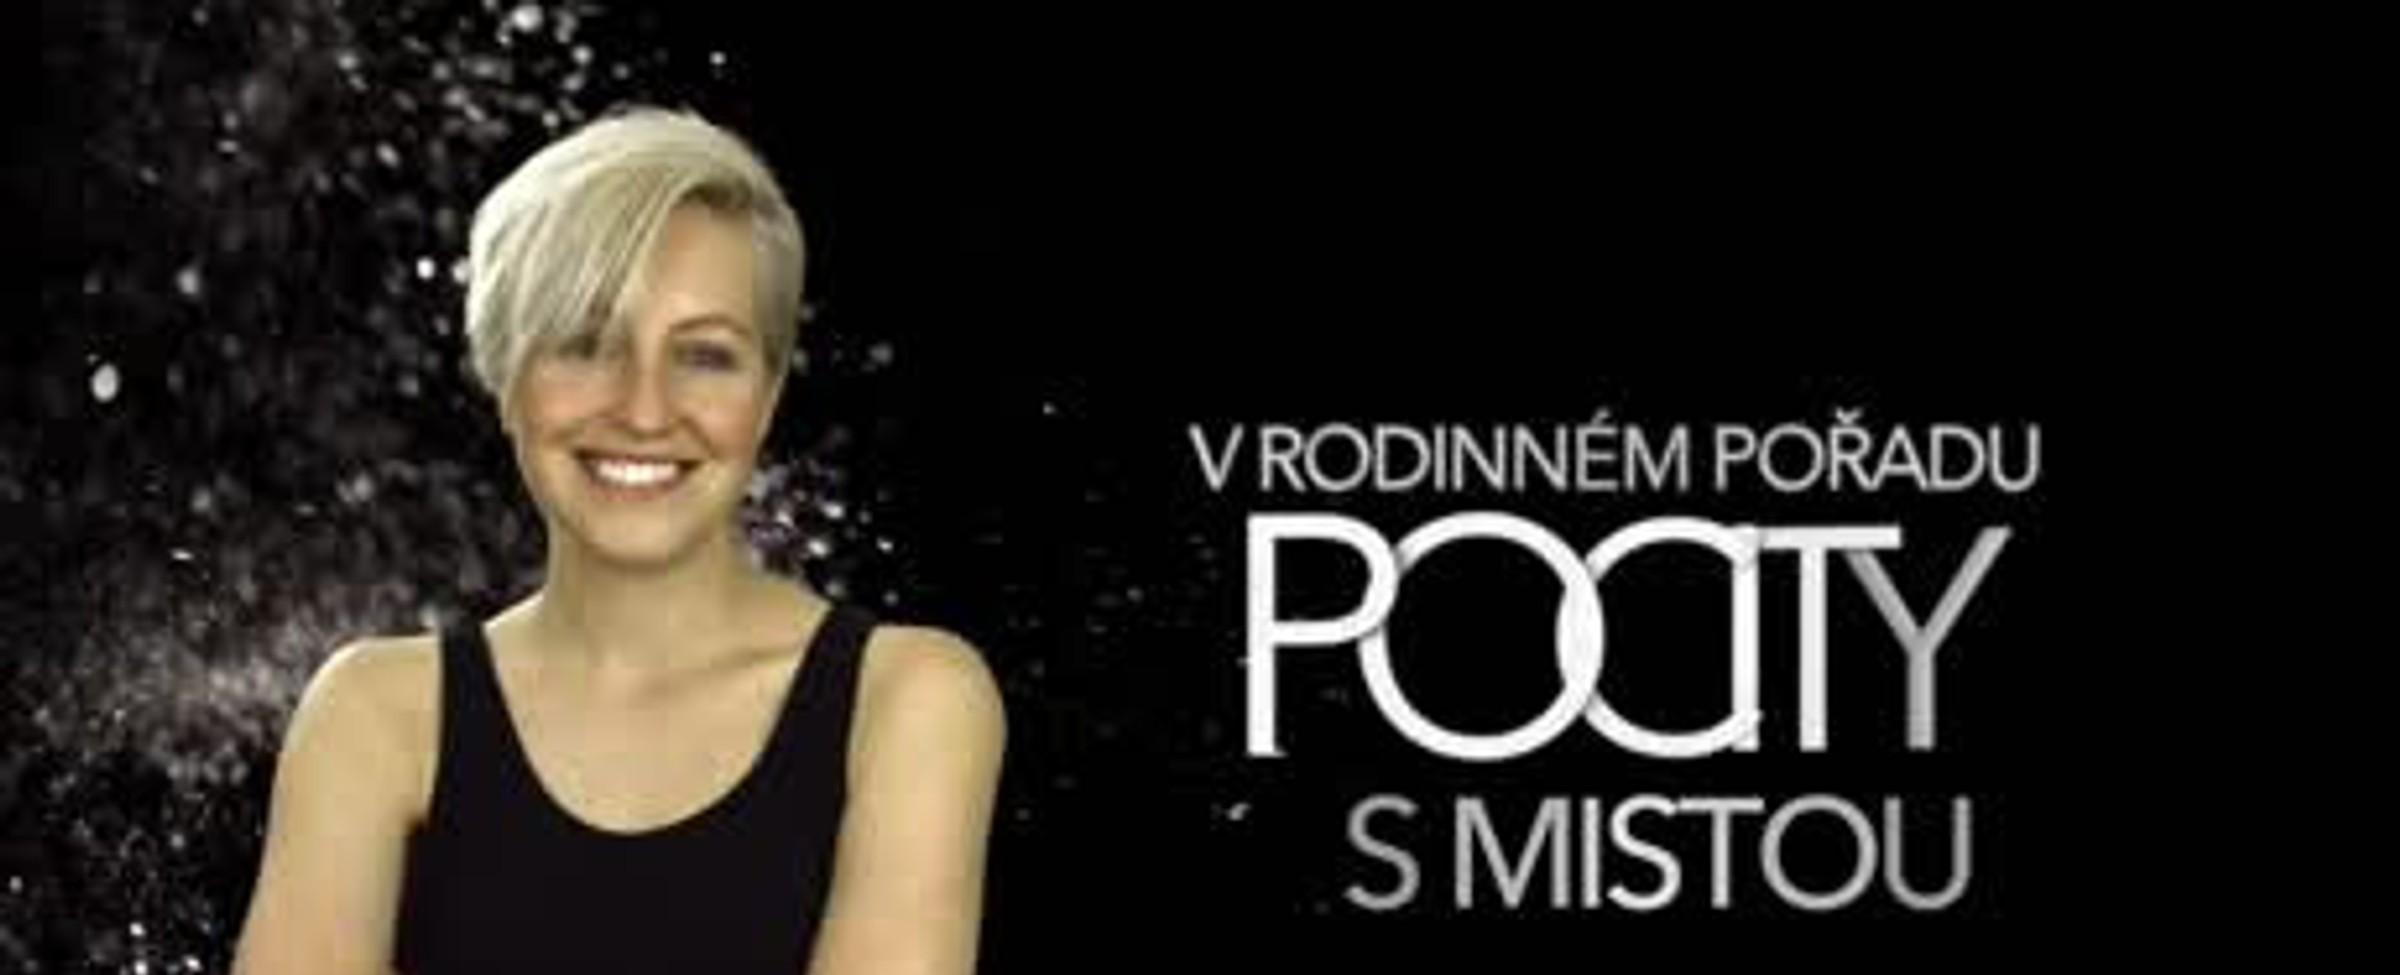 Pocity s Mistou HD